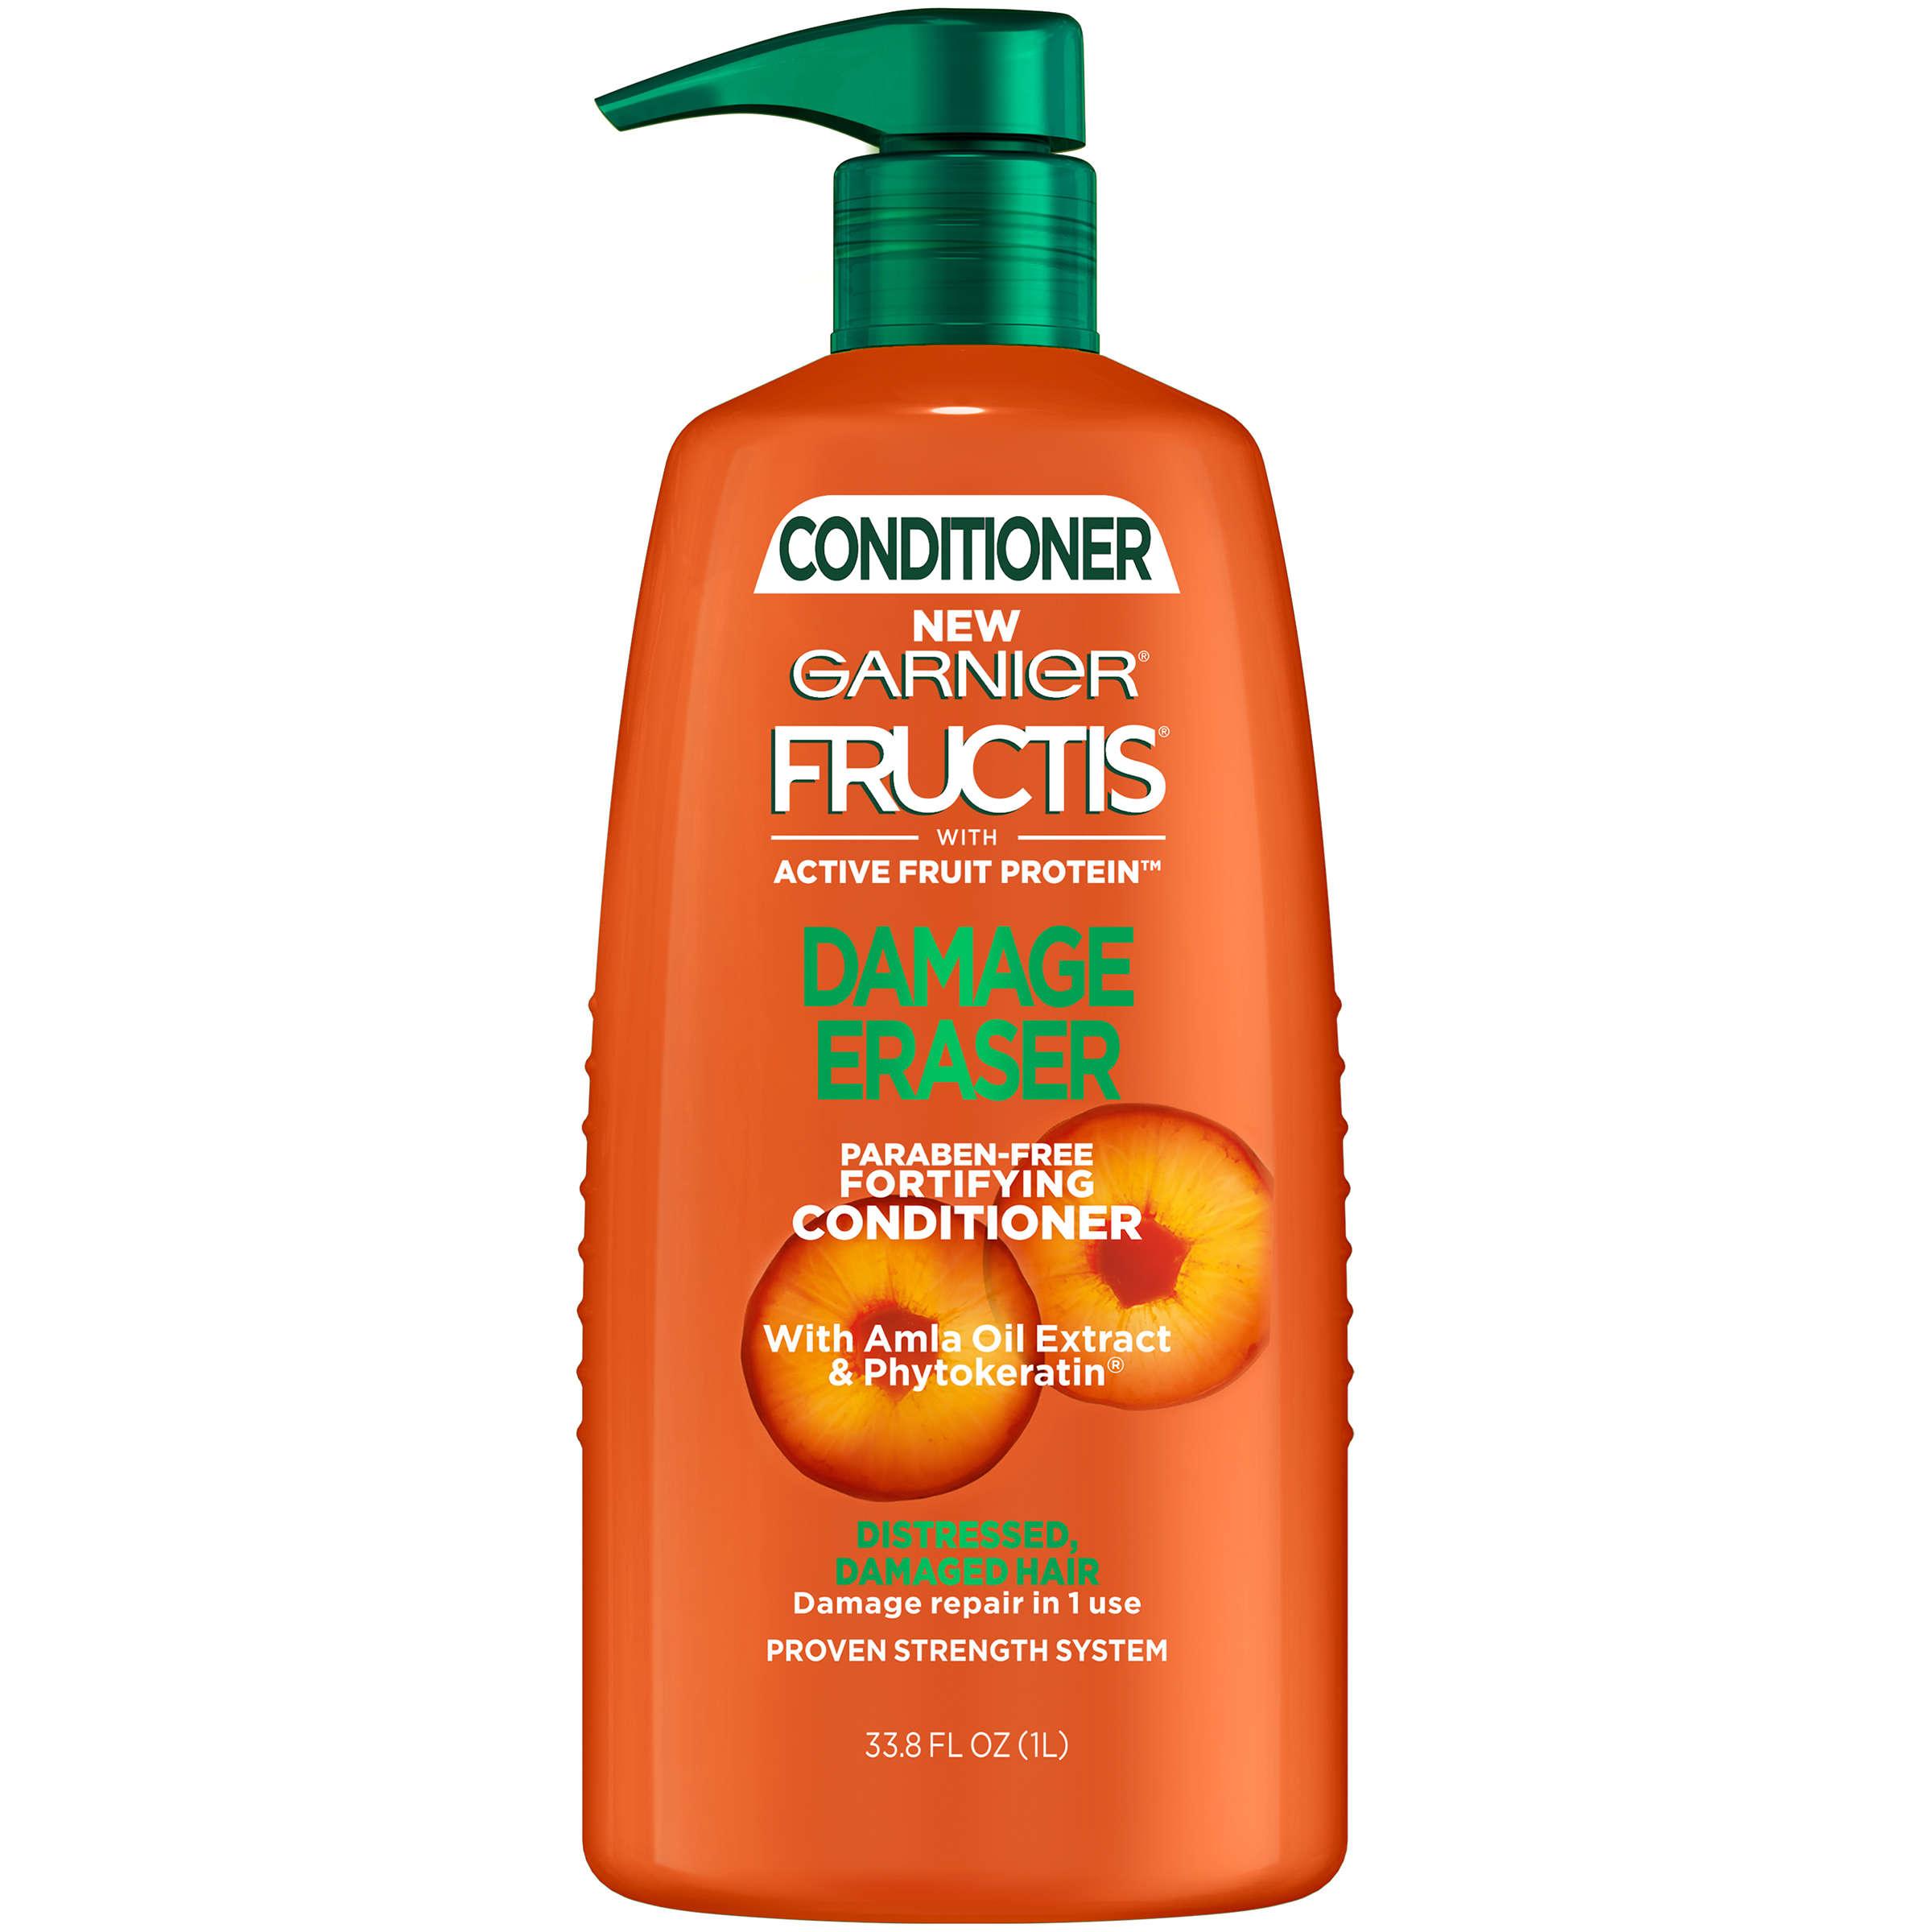 Garnier Fructis Damage Eraser Conditioner 33.8 FL OZ